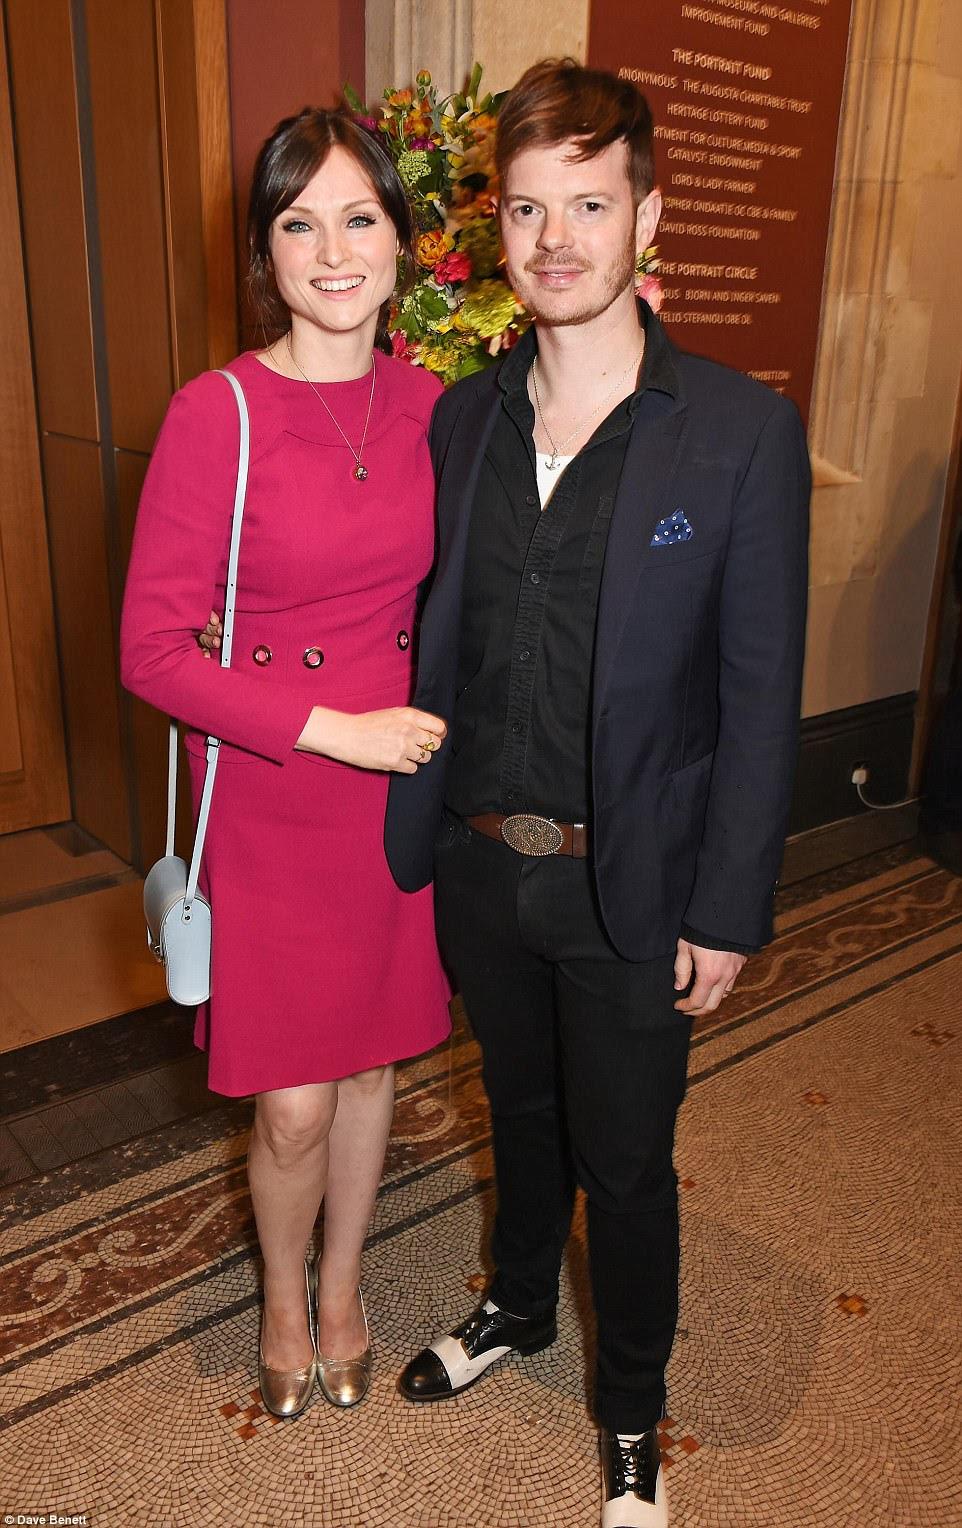 Data noite: Também participou do evento foi cantora Sophie Ellis-Bextor, 37, e seu marido músico Richard Jones